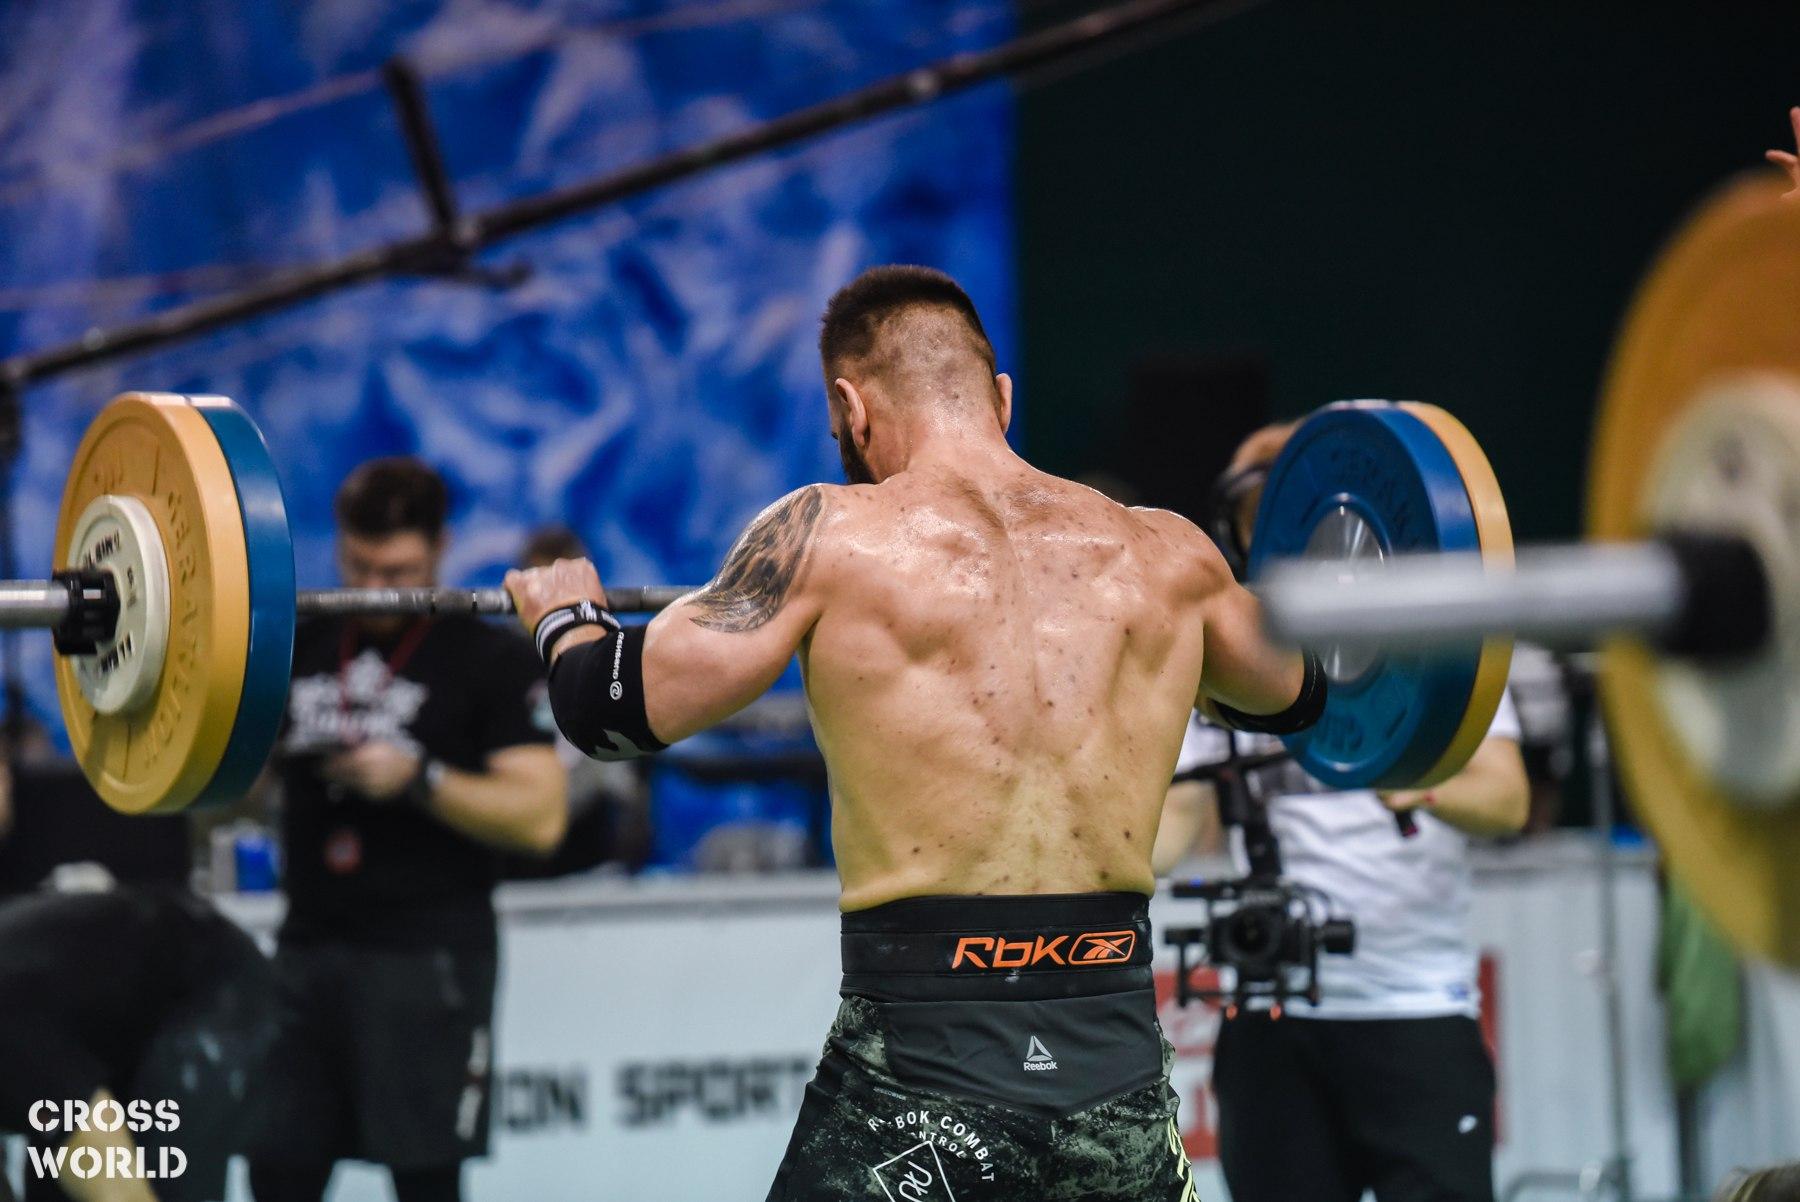 Упражнения для развития силы спины